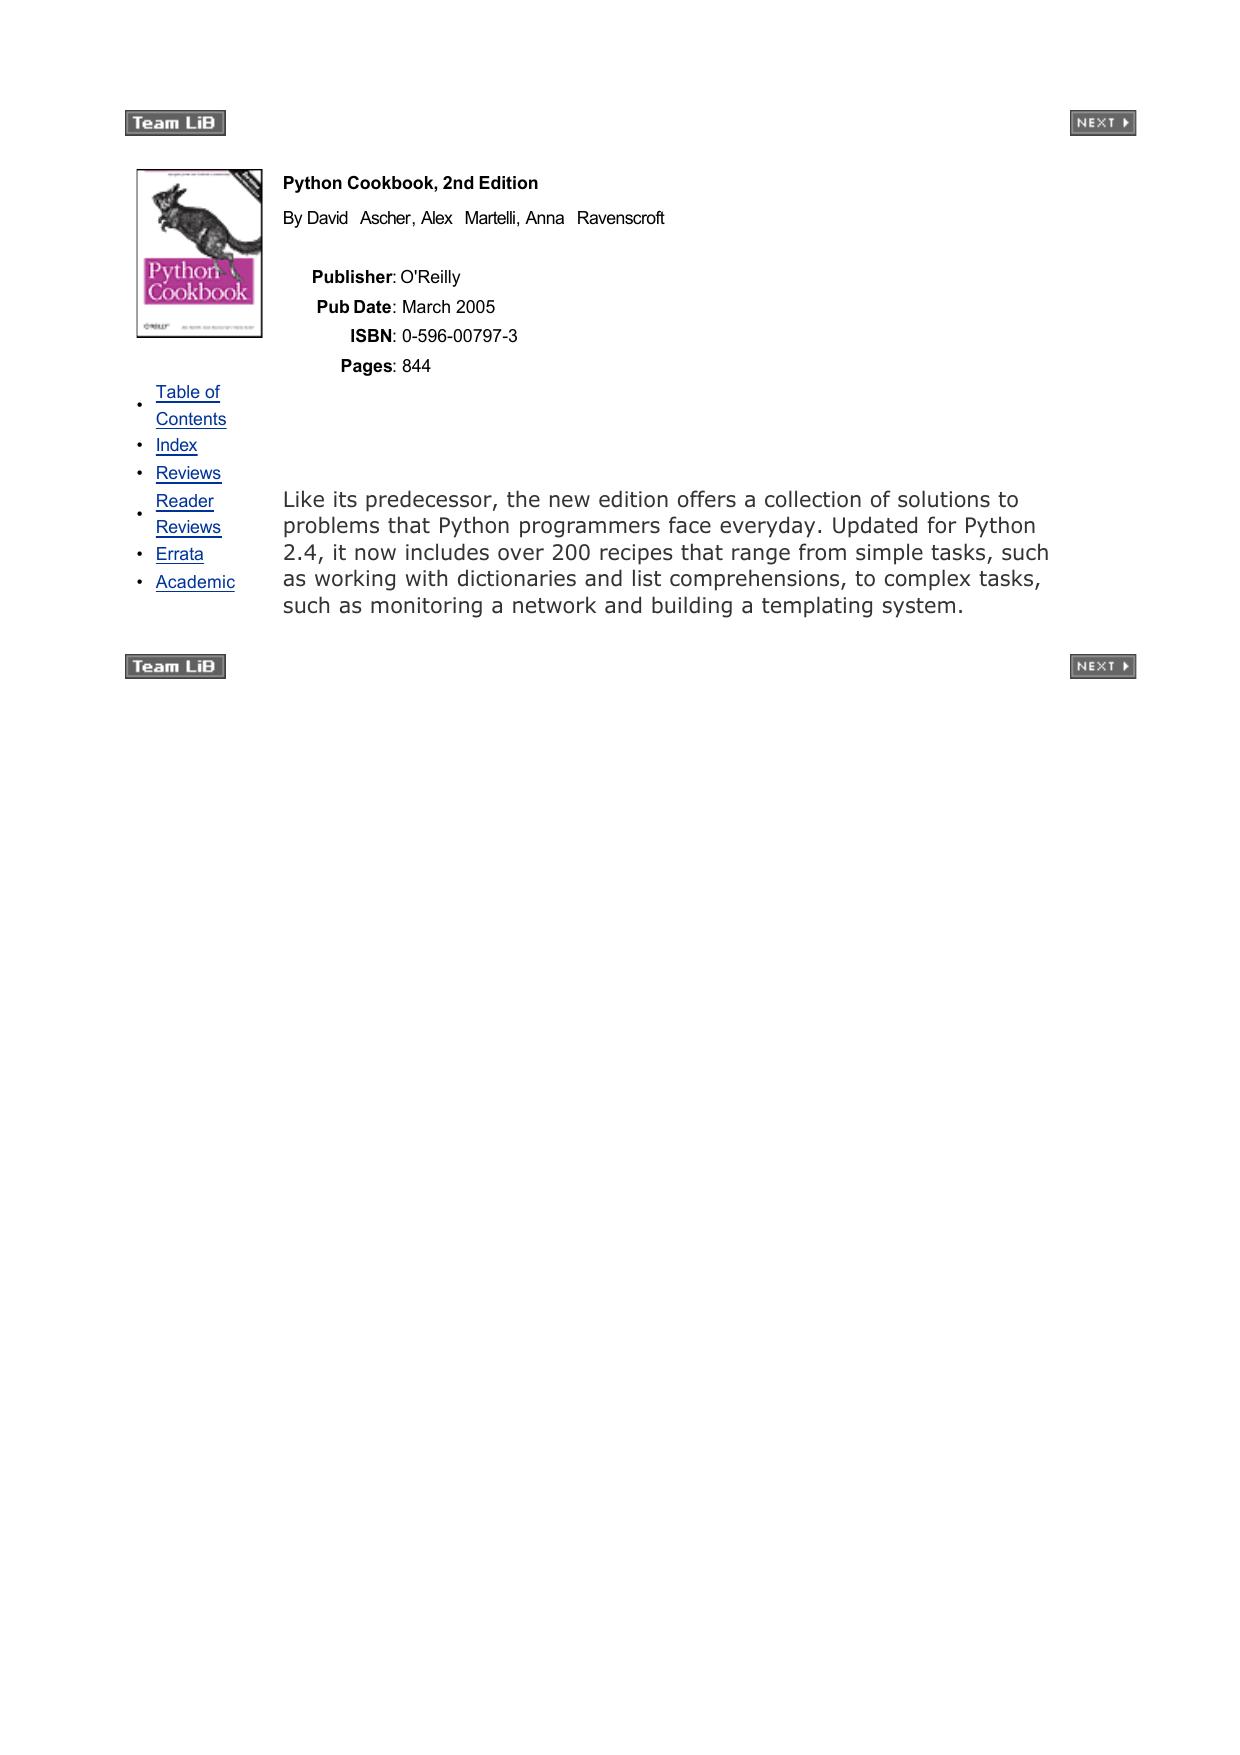 Python Cookbook 2nd Edition 2005